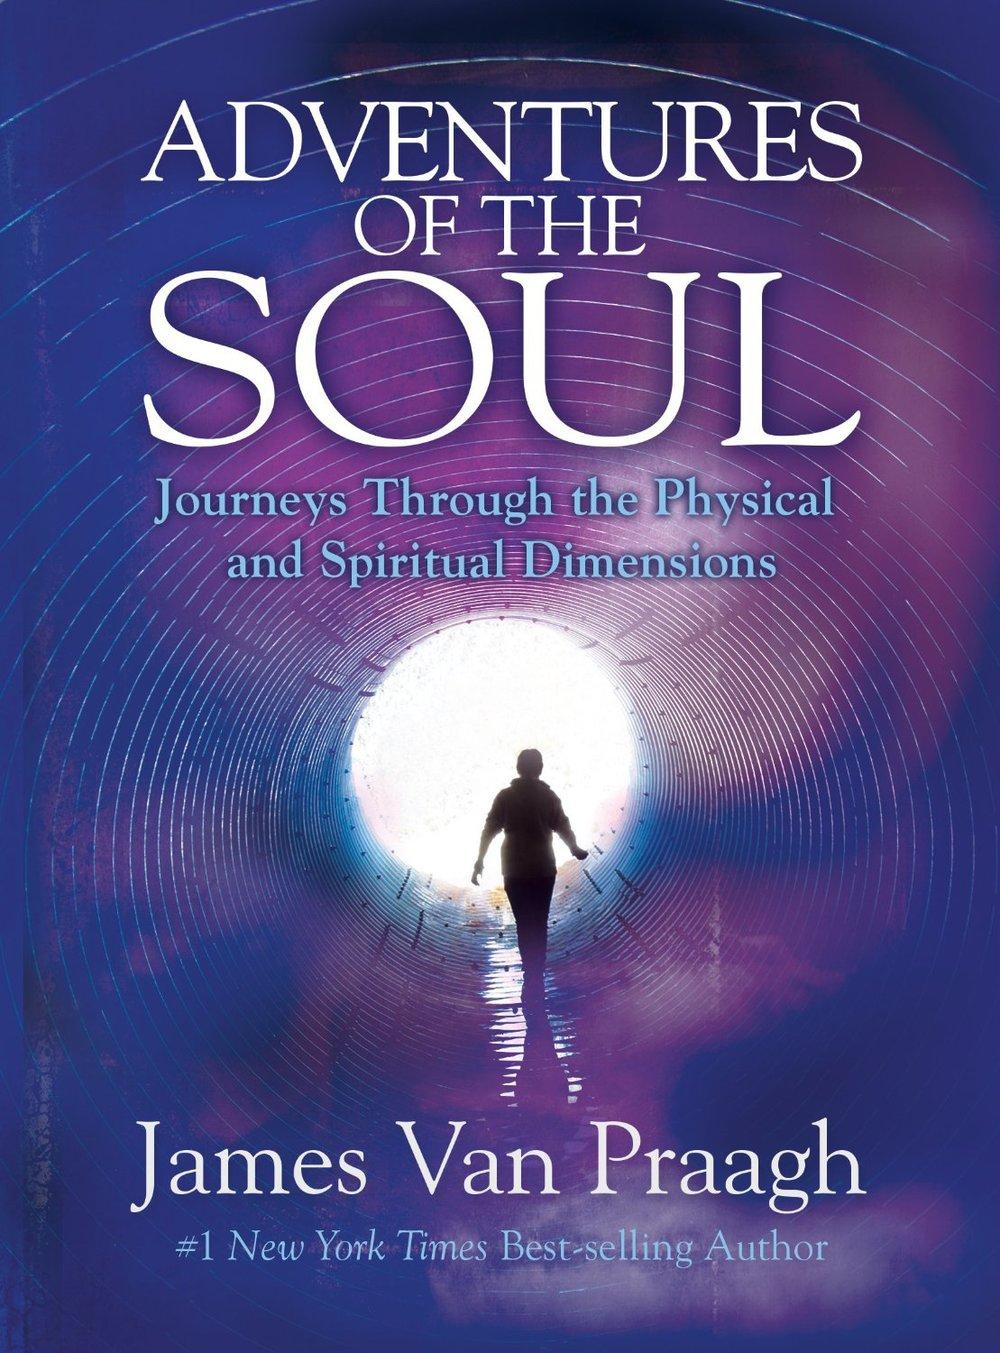 Adventures of the Soul by James Van Praagh Cover.jpg